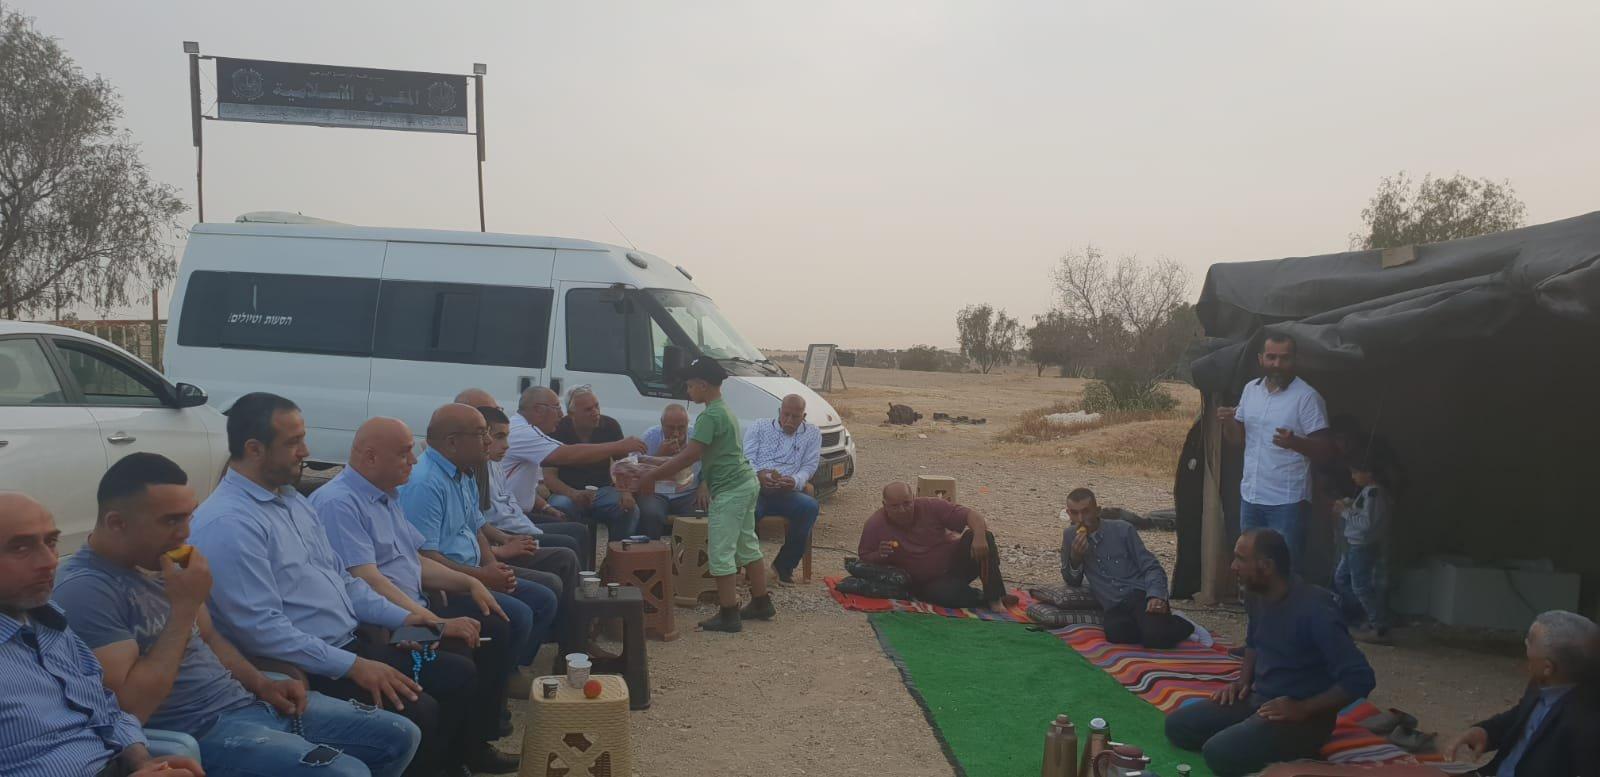 النائب عيساوي فريج يوقد شعلة الحرية لشيخ العراقيب ويدعو لتكثيف زيارة الأطفال الى القرية